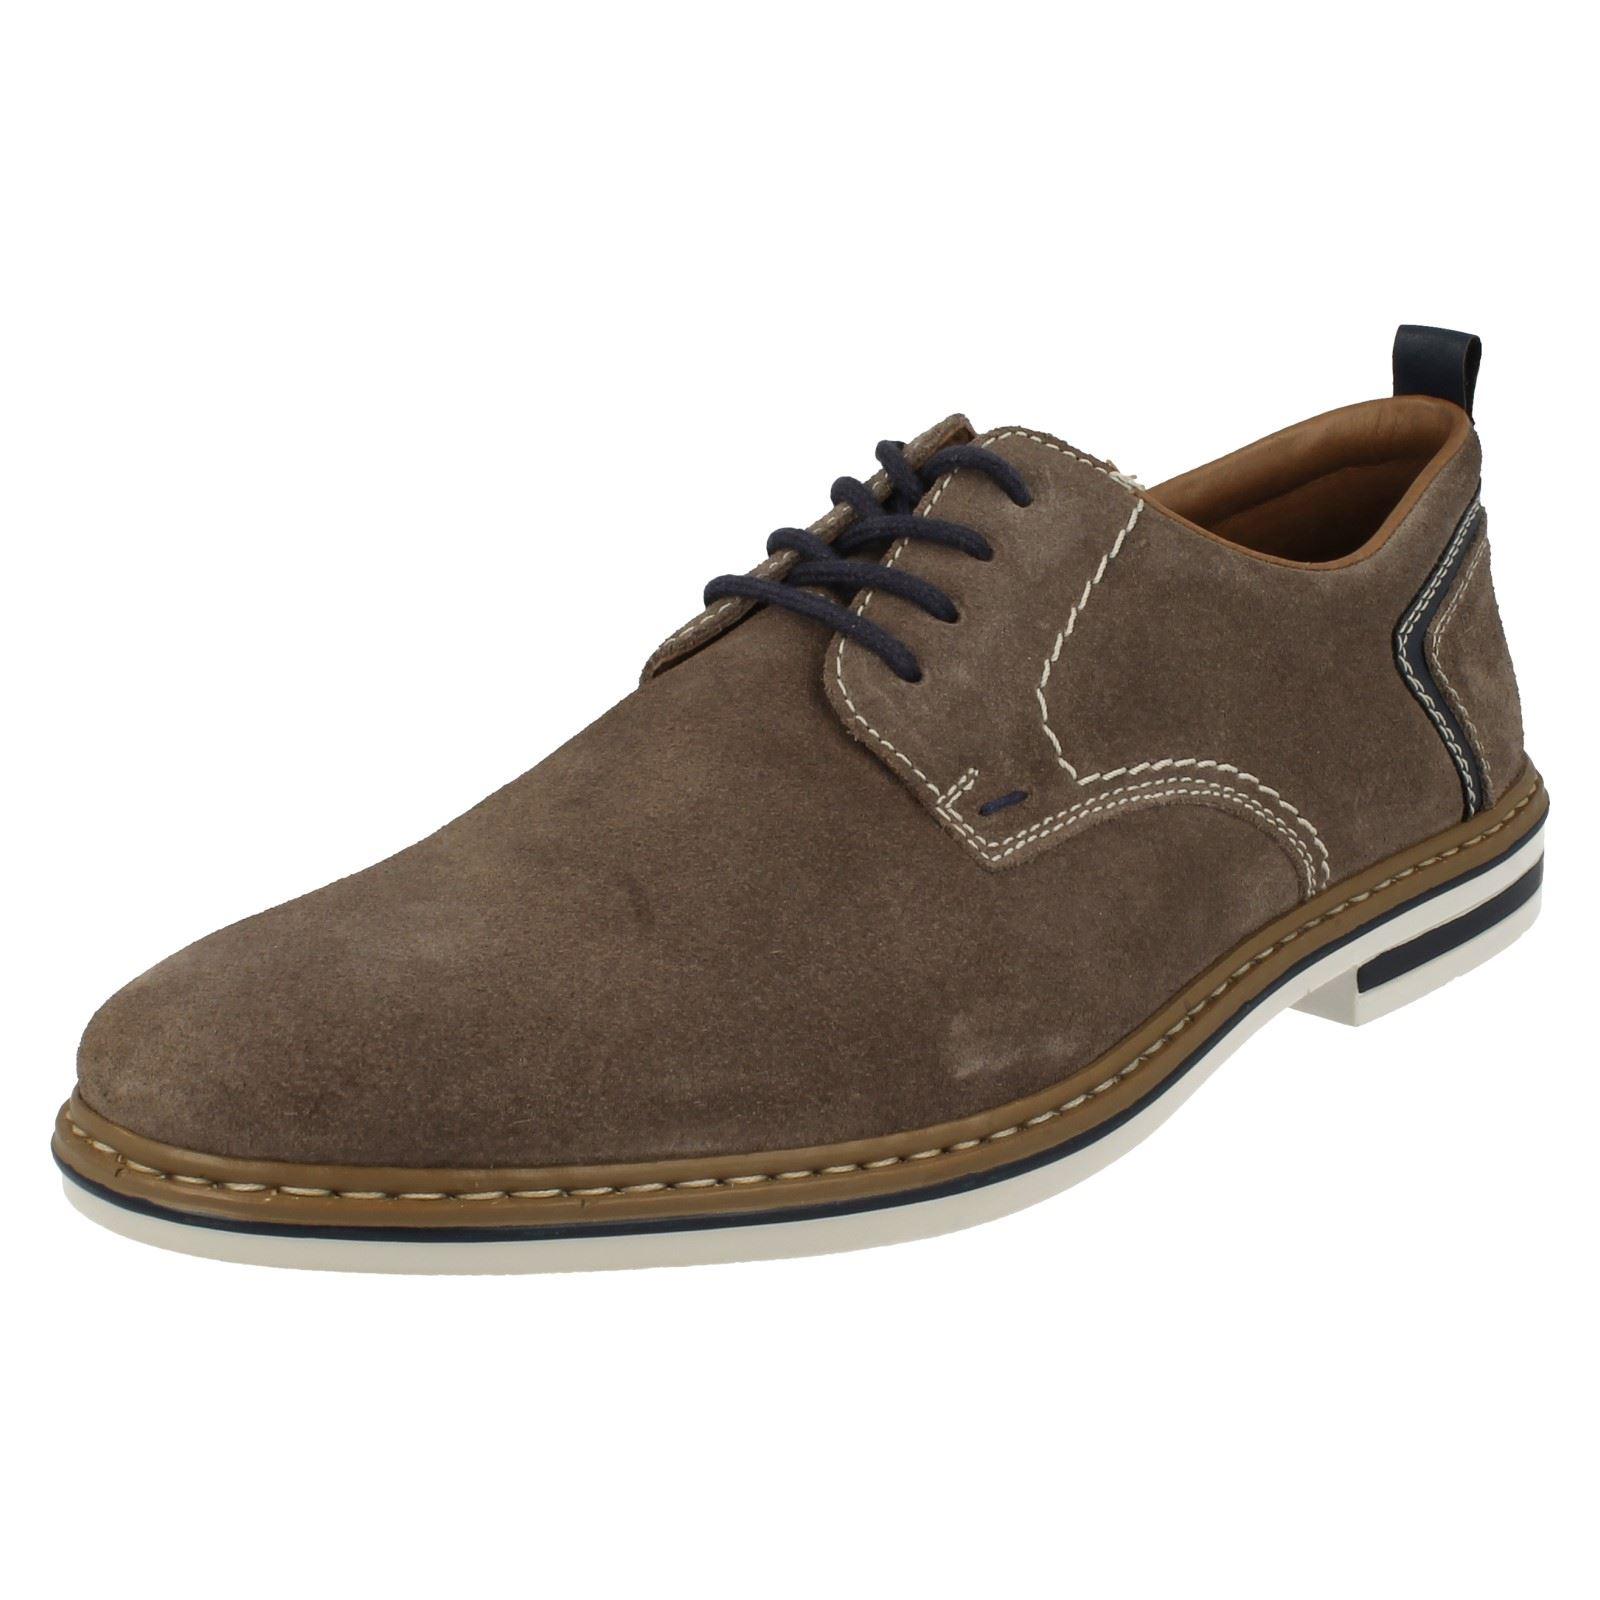 Cordones 'b1421'Ebay Con Hombre Rieker Casual Zapatos xoerEQWdBC